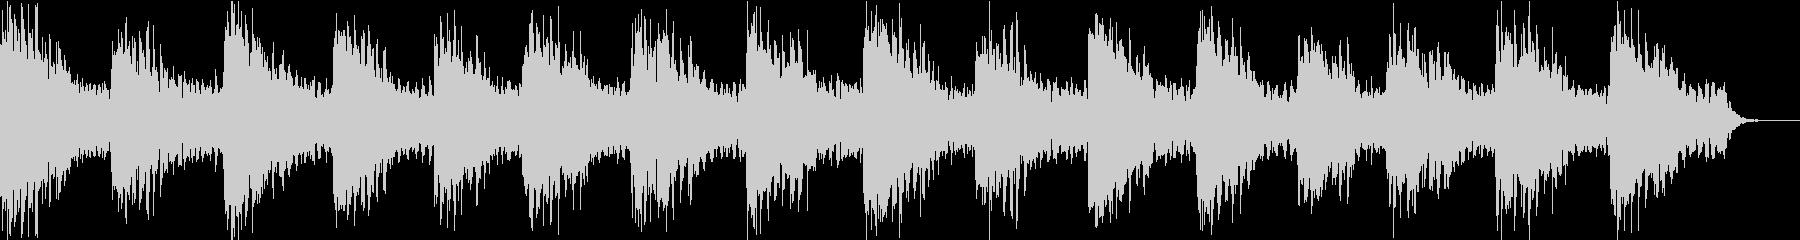 ヒーリング系のアンビエントの未再生の波形